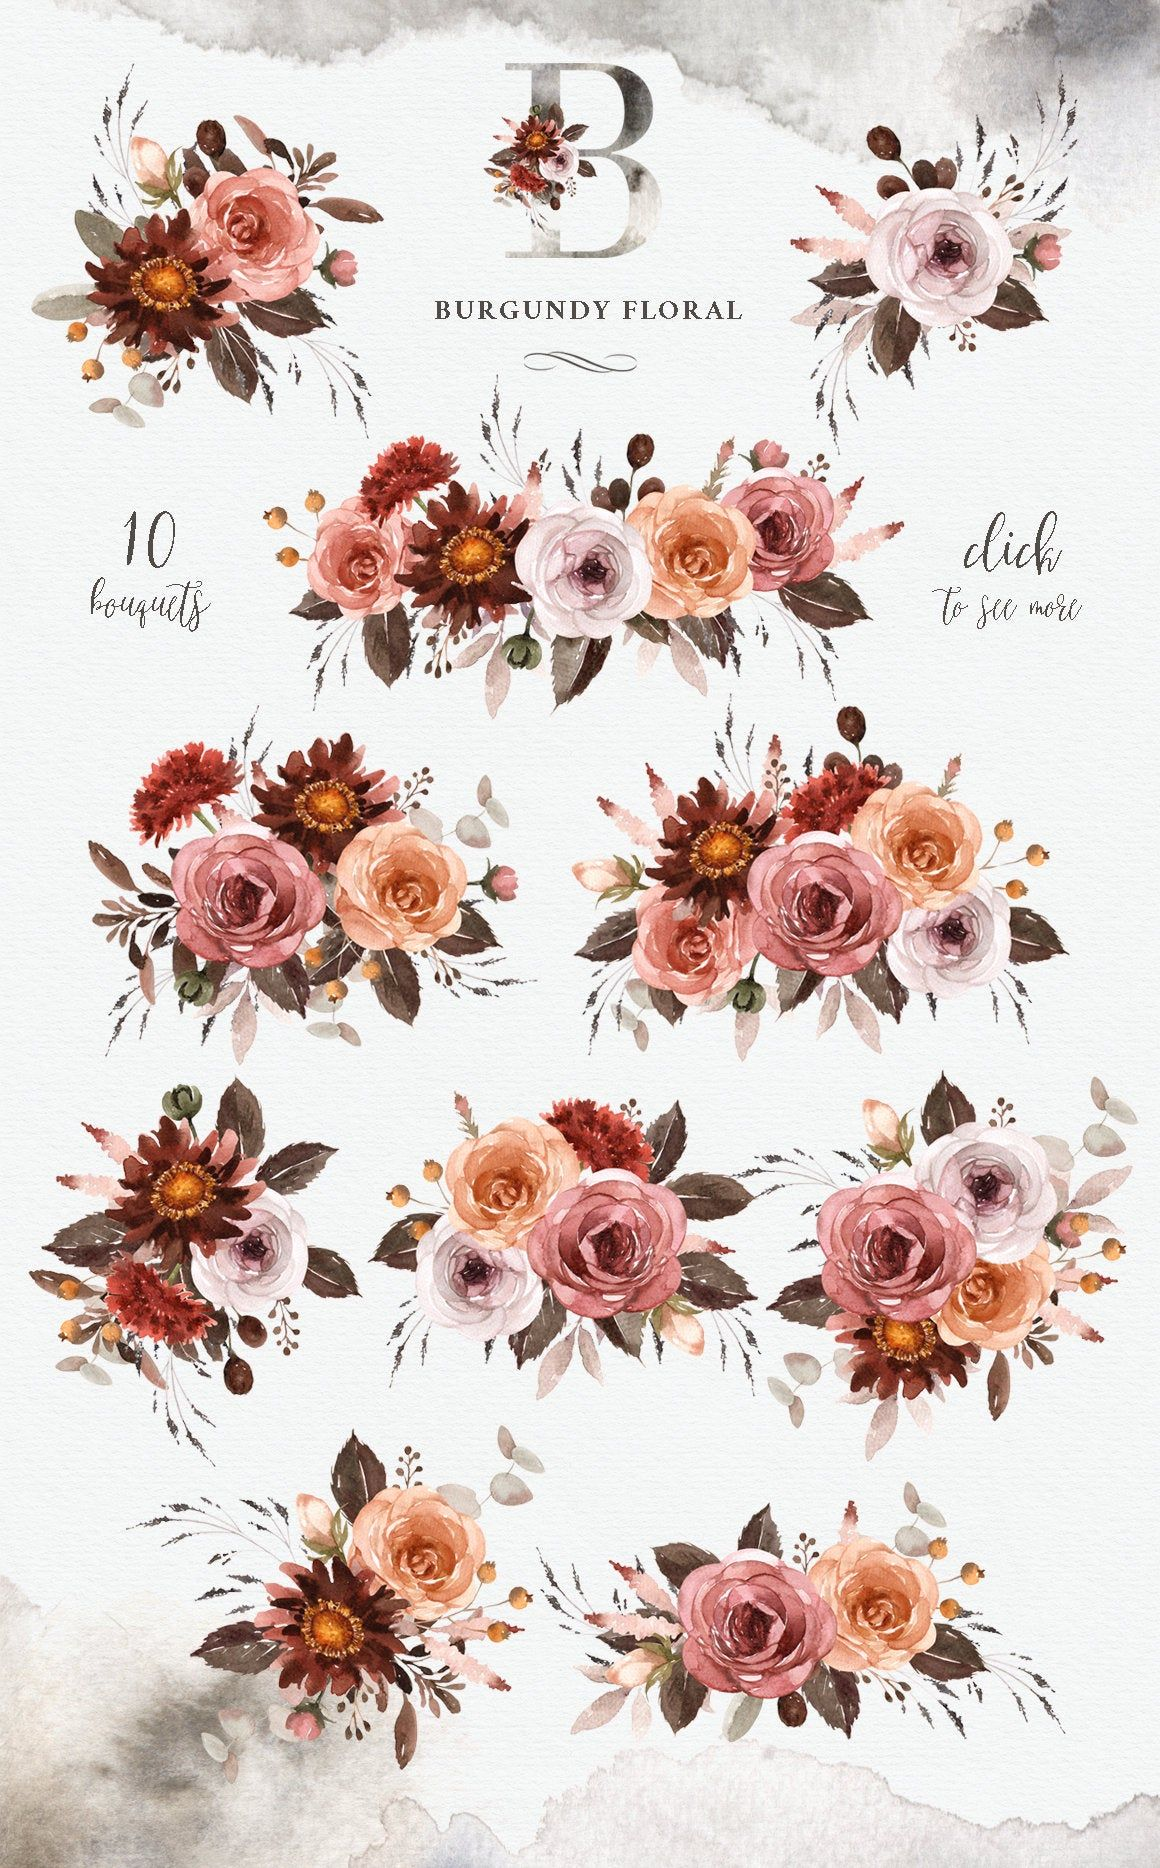 Clipart Bordeaux Floral Aquarelle Mariage Romantique Fleur